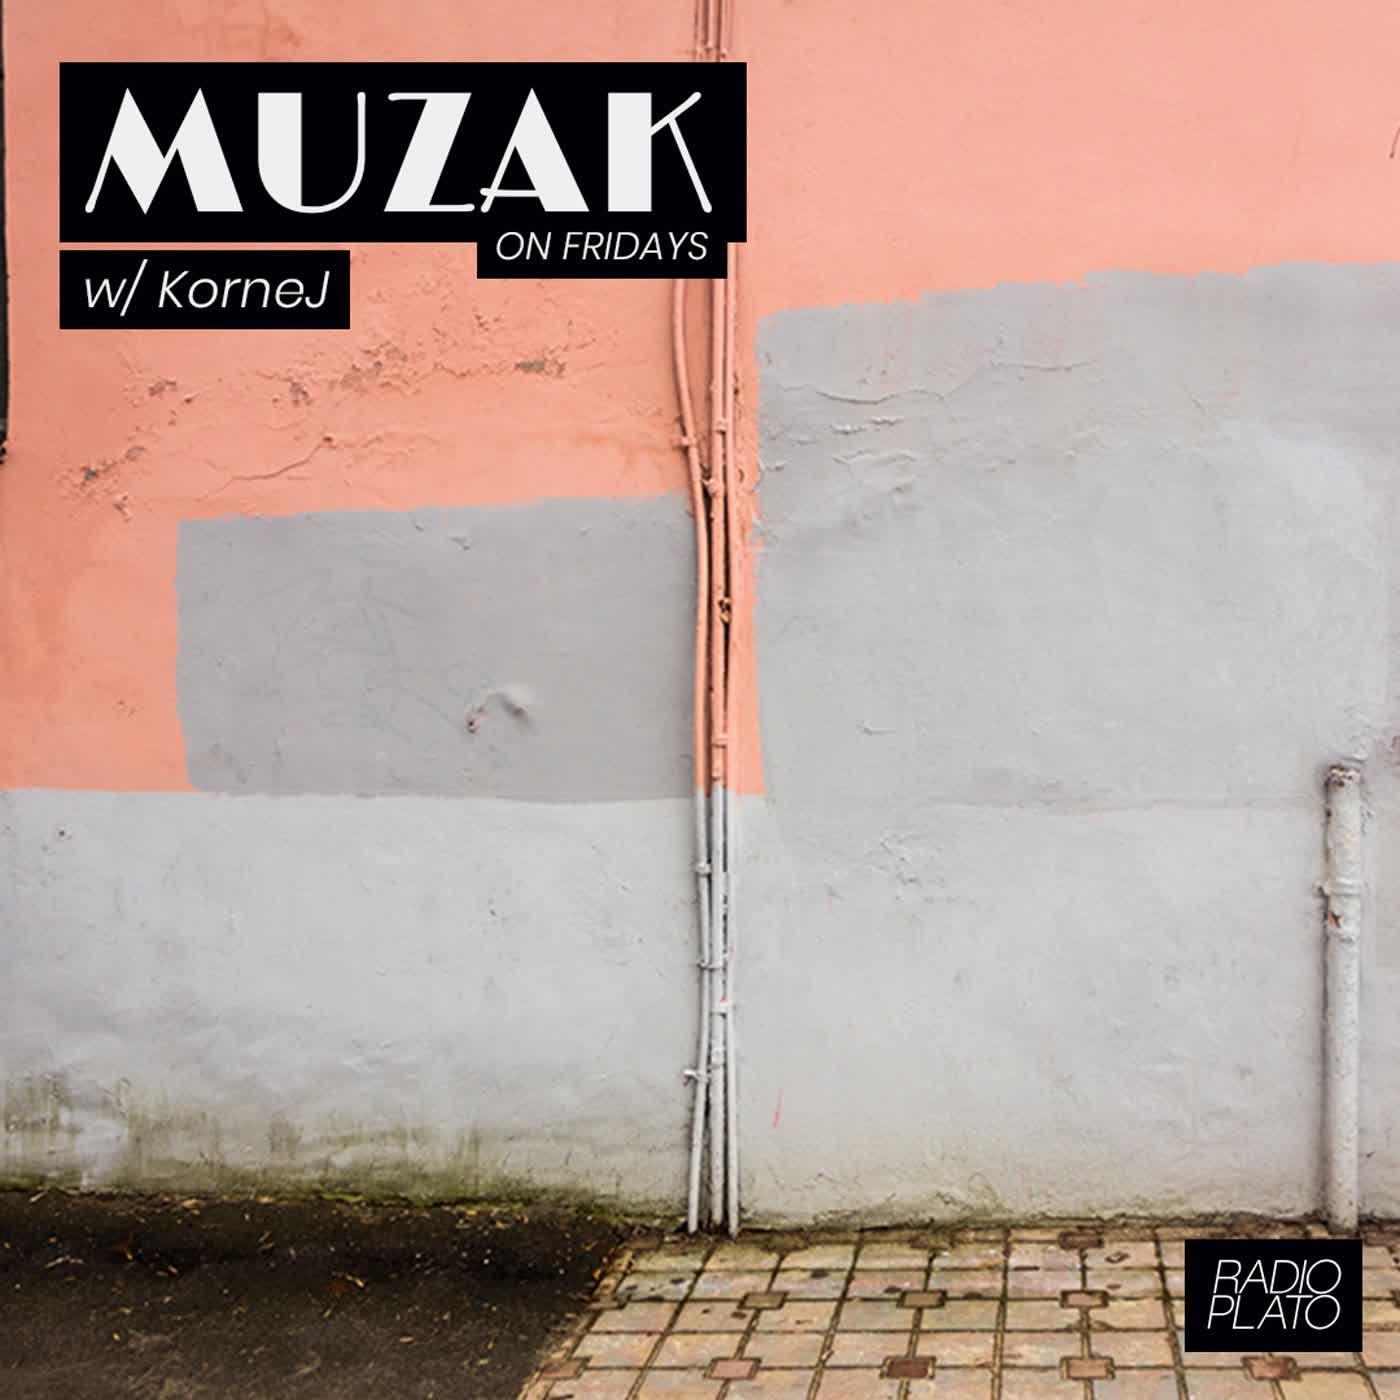 Muzak on Fridays